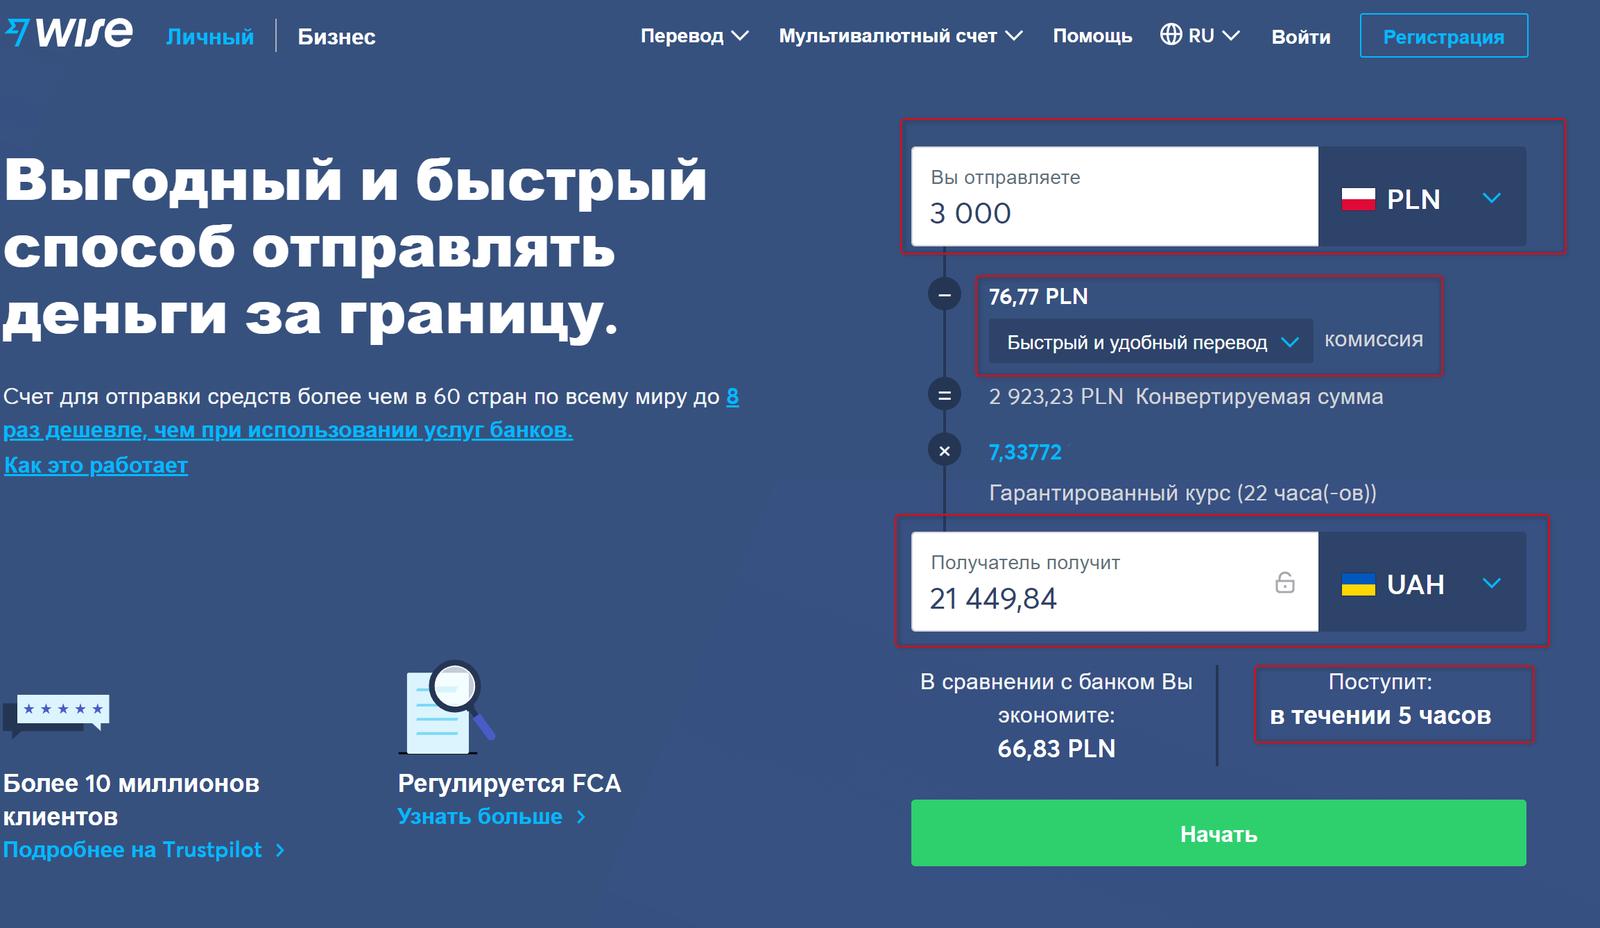 Як дешево перевести гроші з Польщі